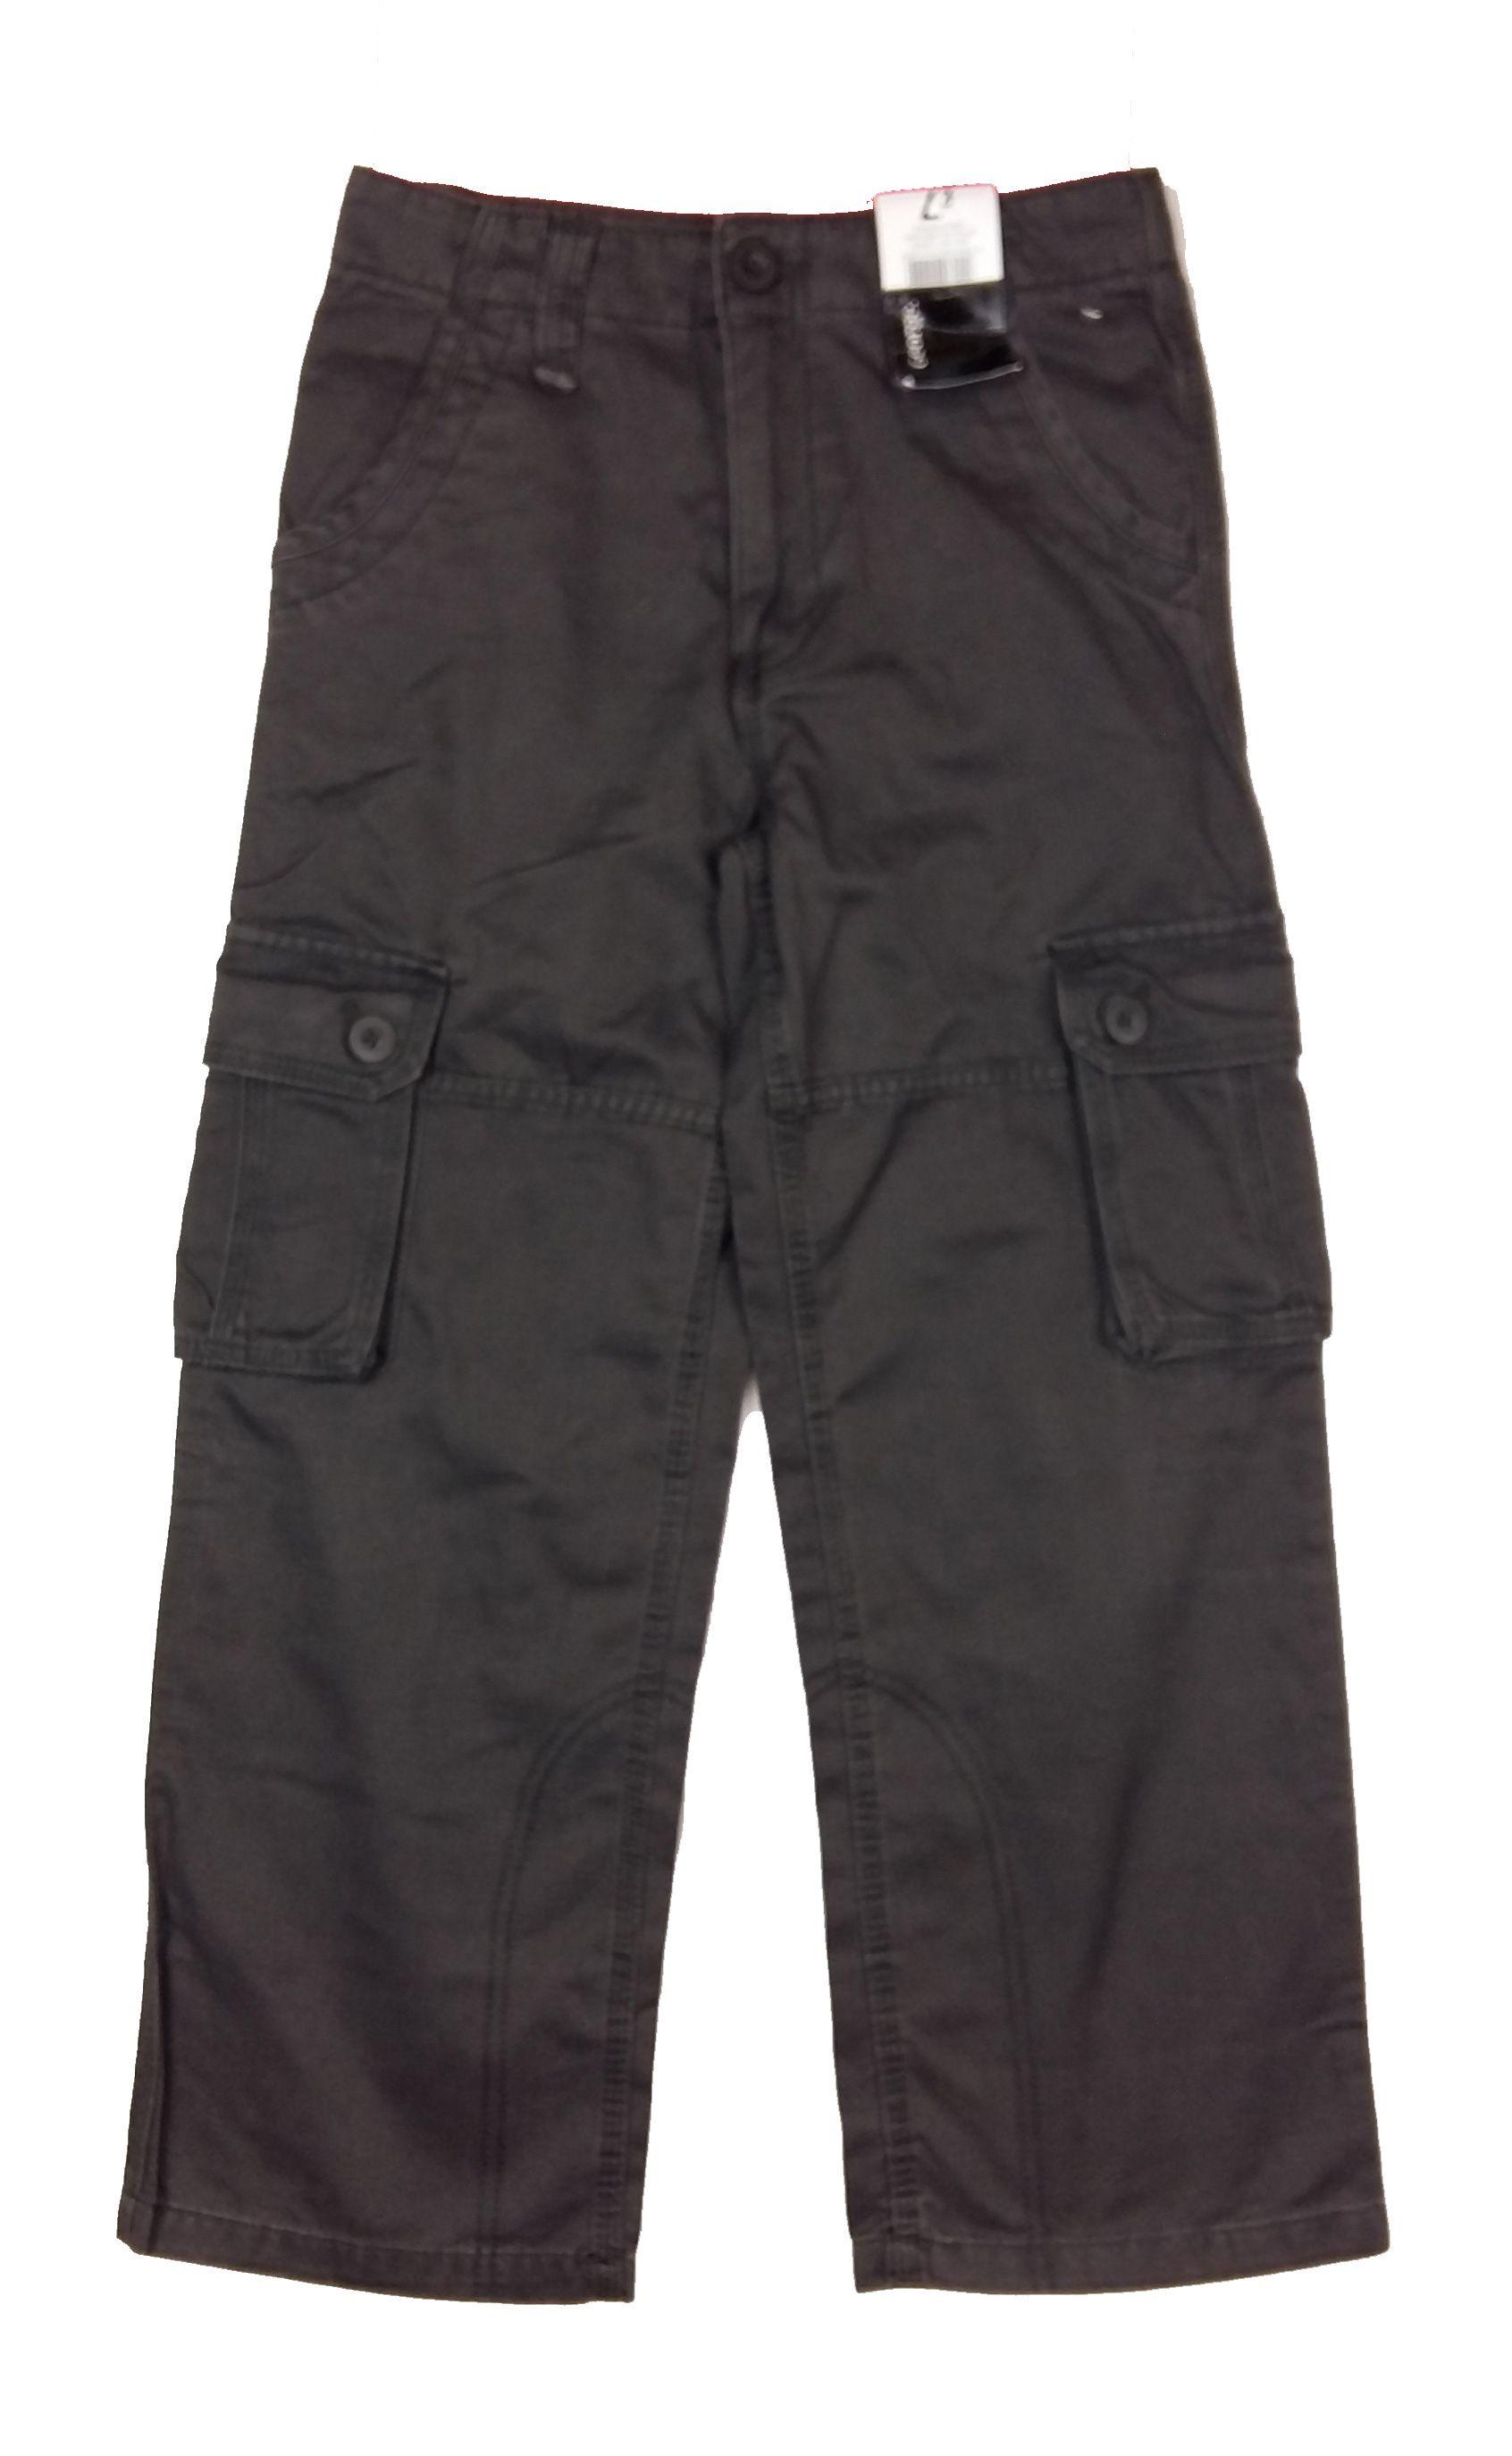 Barnászöld zsebes nadrág (134) - 128-134 (7-9 év) - Minőségi angol használt  és új gyerekruhák ff0526a88b